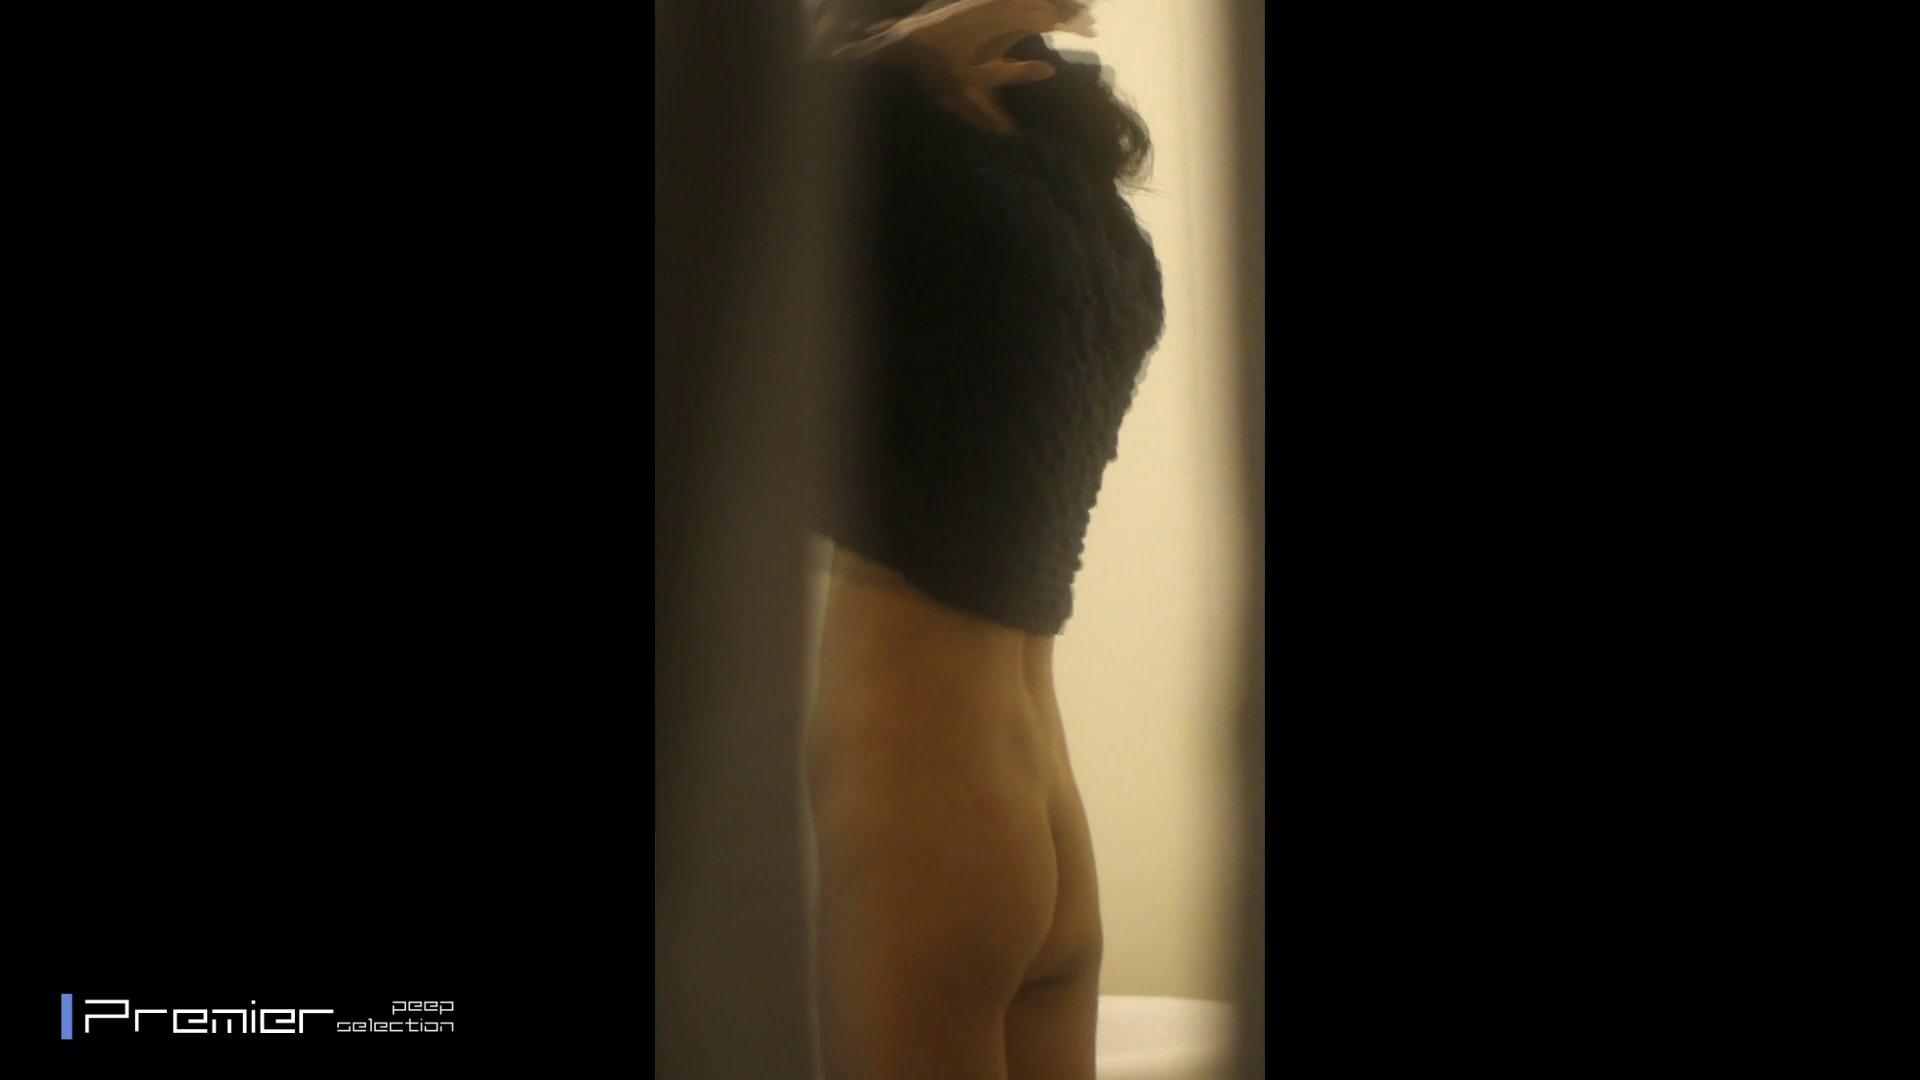 美女達の私生活に潜入!★永久保存版★モデル達の私生活 完全版 潜入  60pic 13